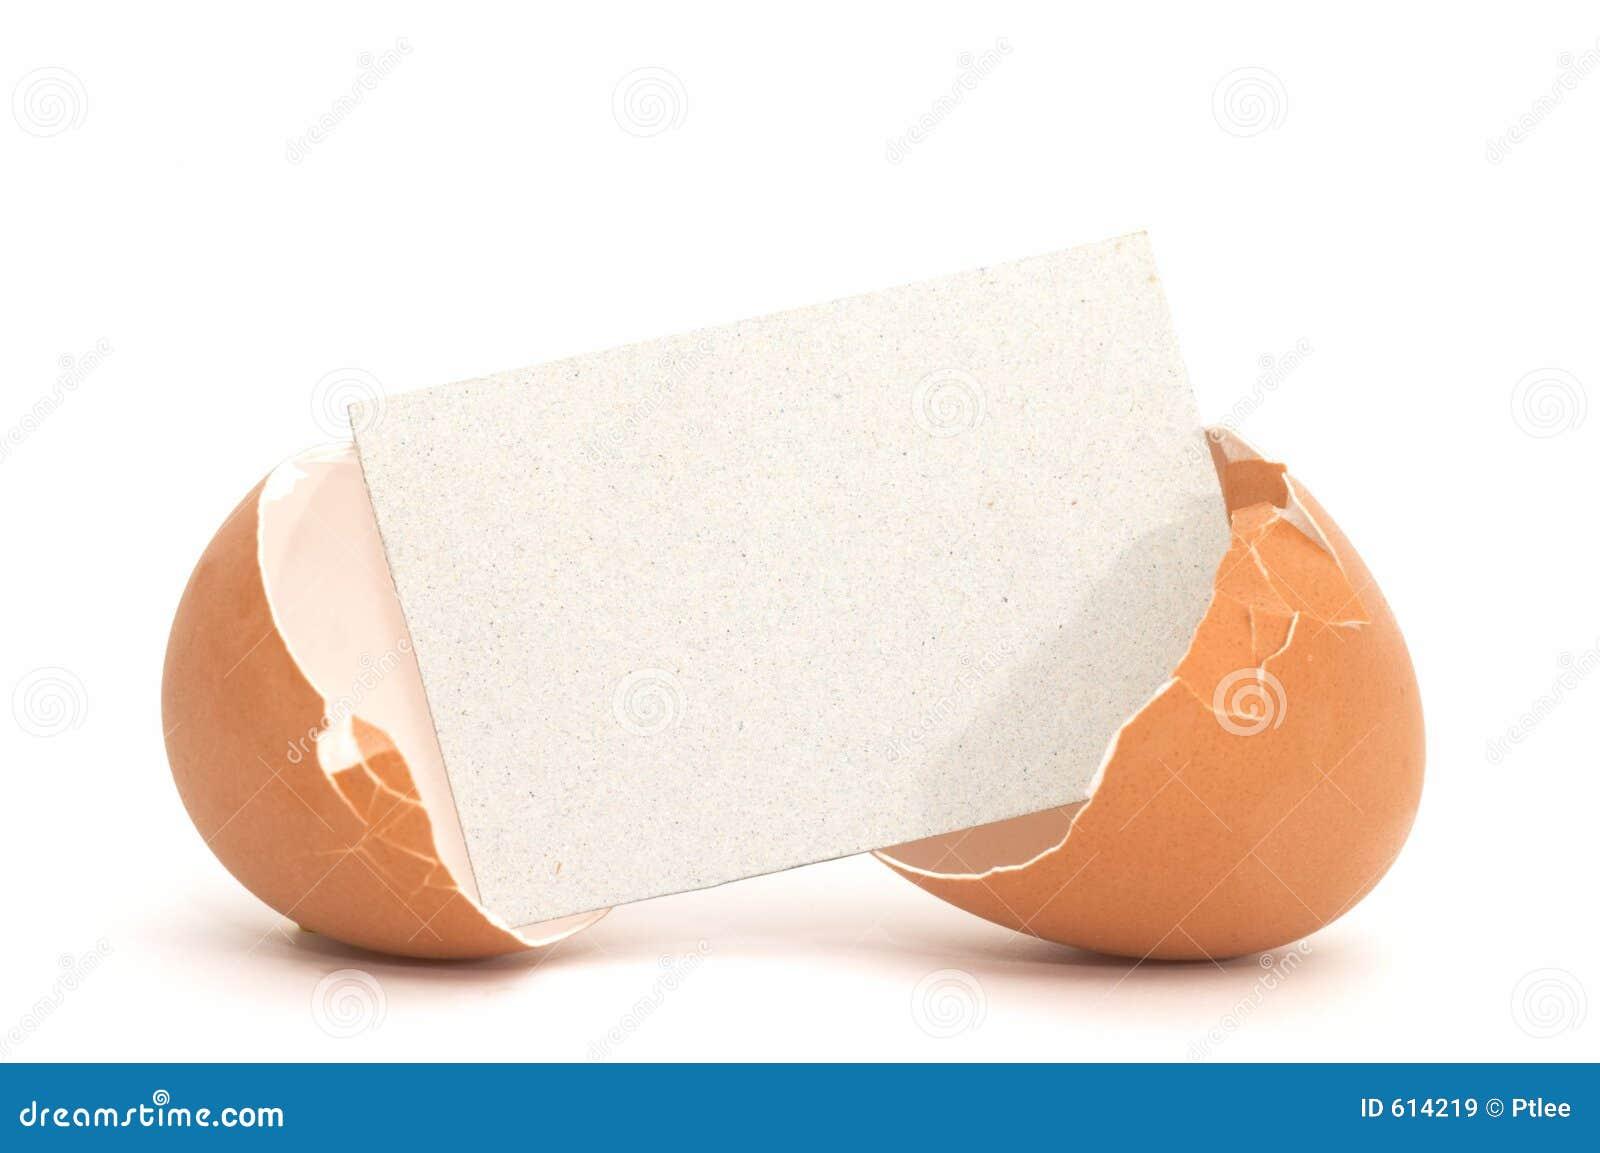 Gebarsten Ei met Lege Kaart #1